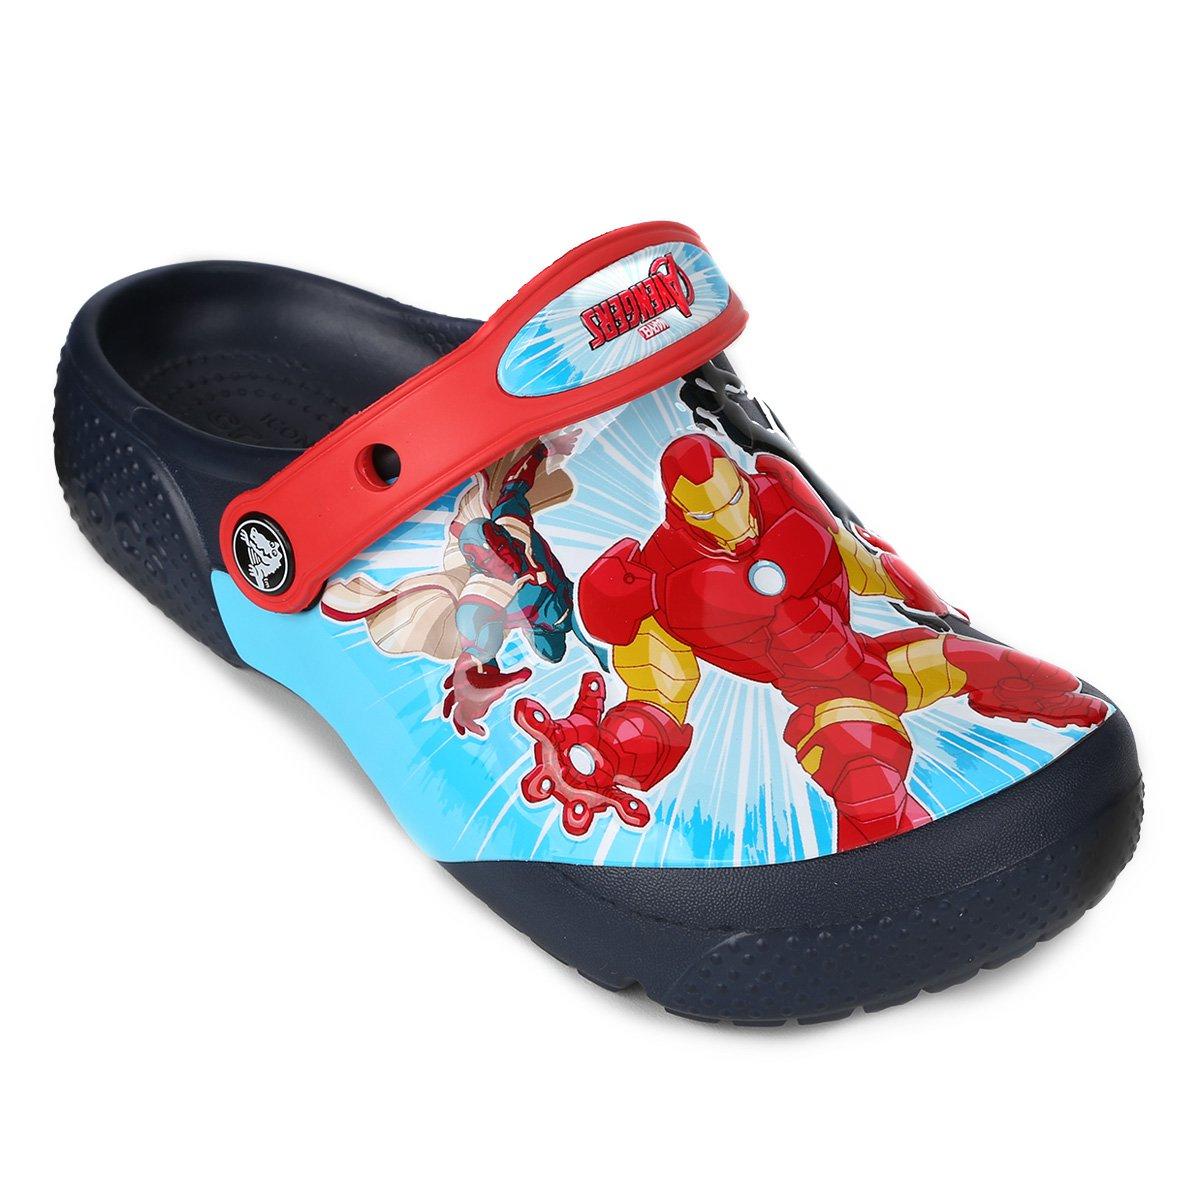 8eb210a305 Sandália Crocs Infantil Funlab Marvel Avengers Masculina